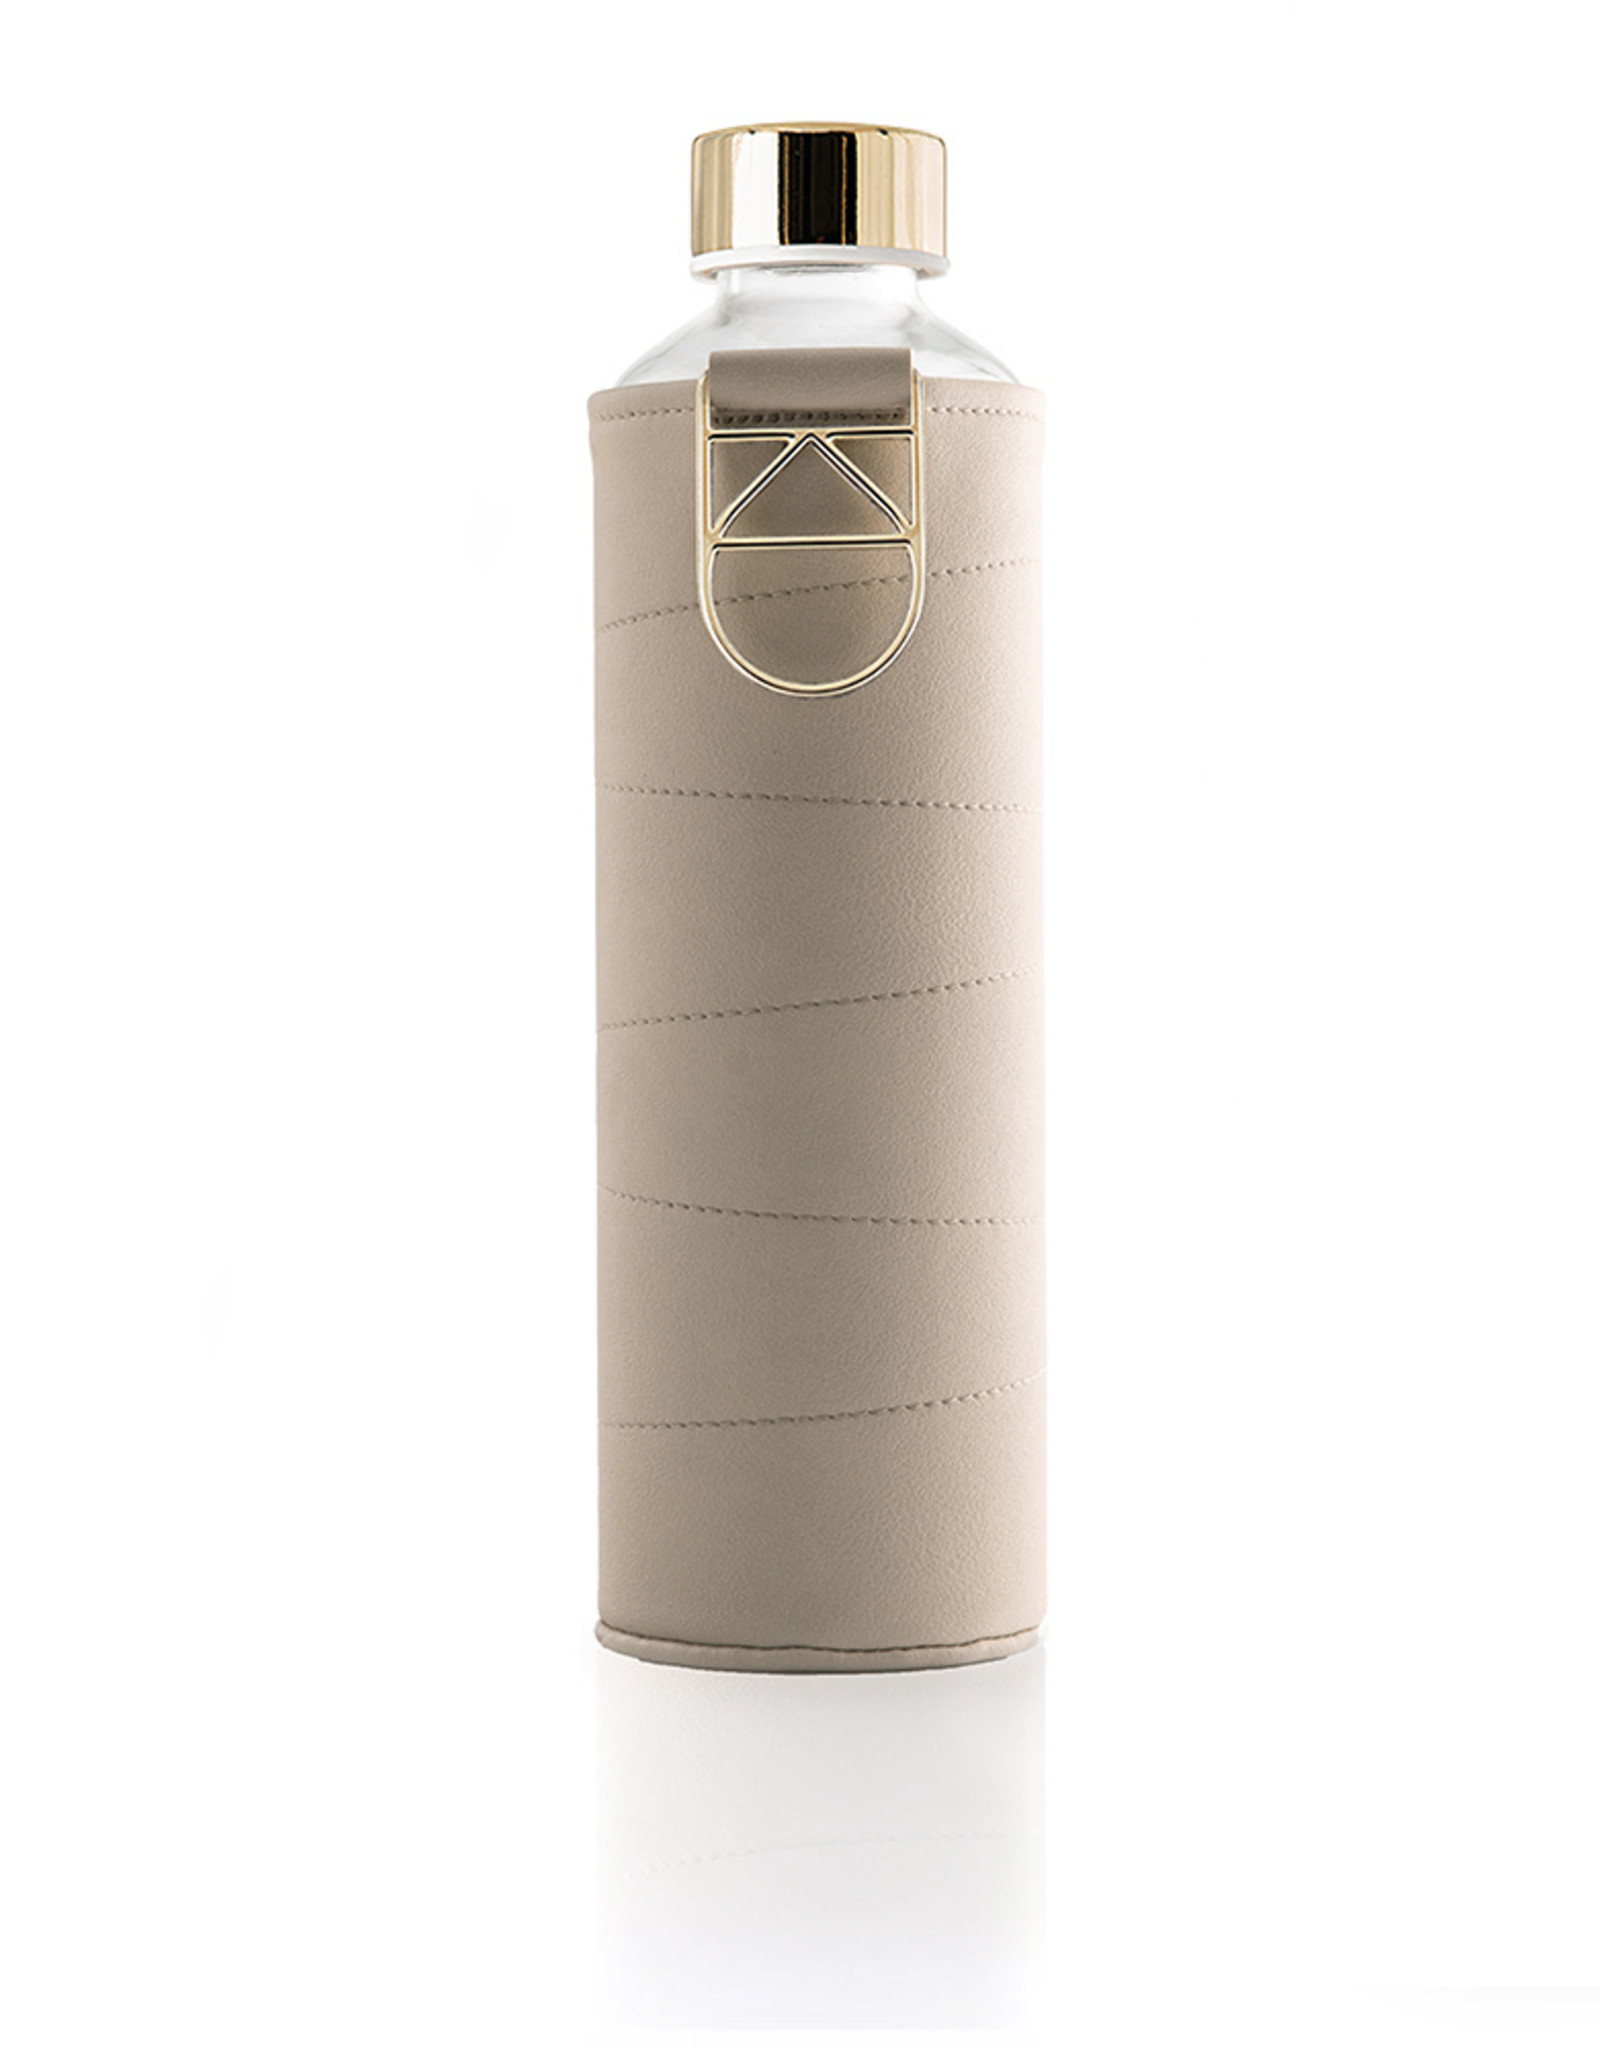 Equa Glazen drinkfles met cover - Beige 750 ml